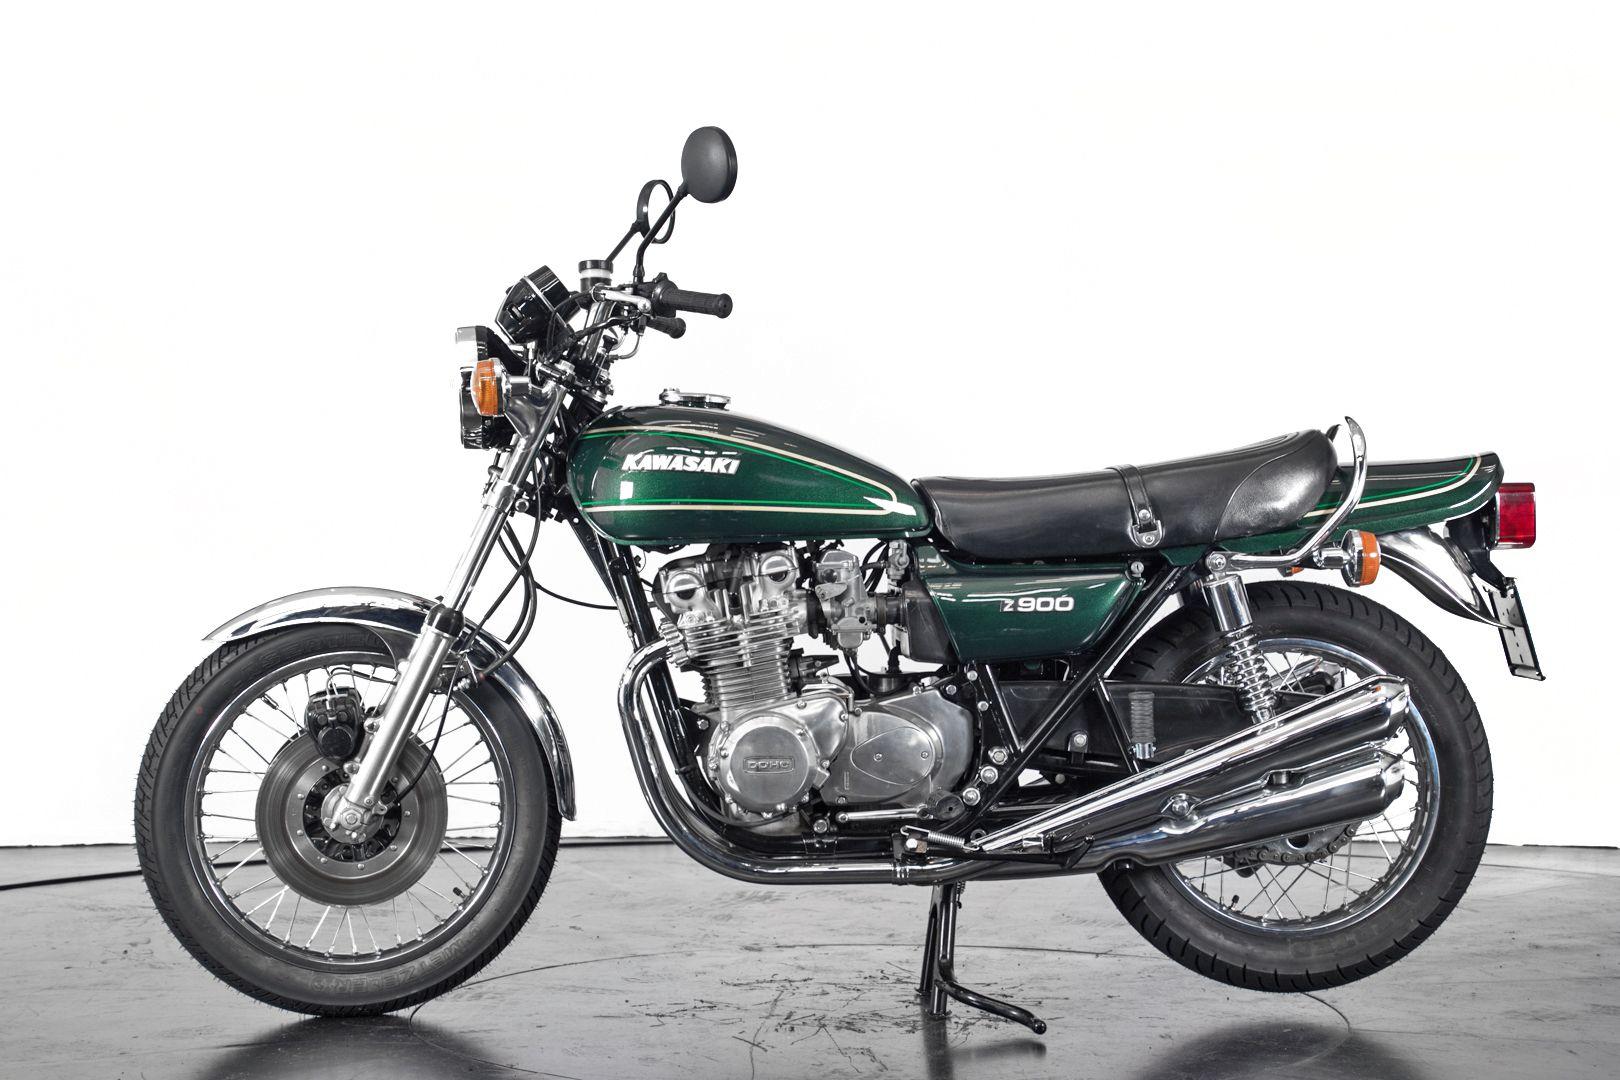 1977 Kawasaki Z 900 41430